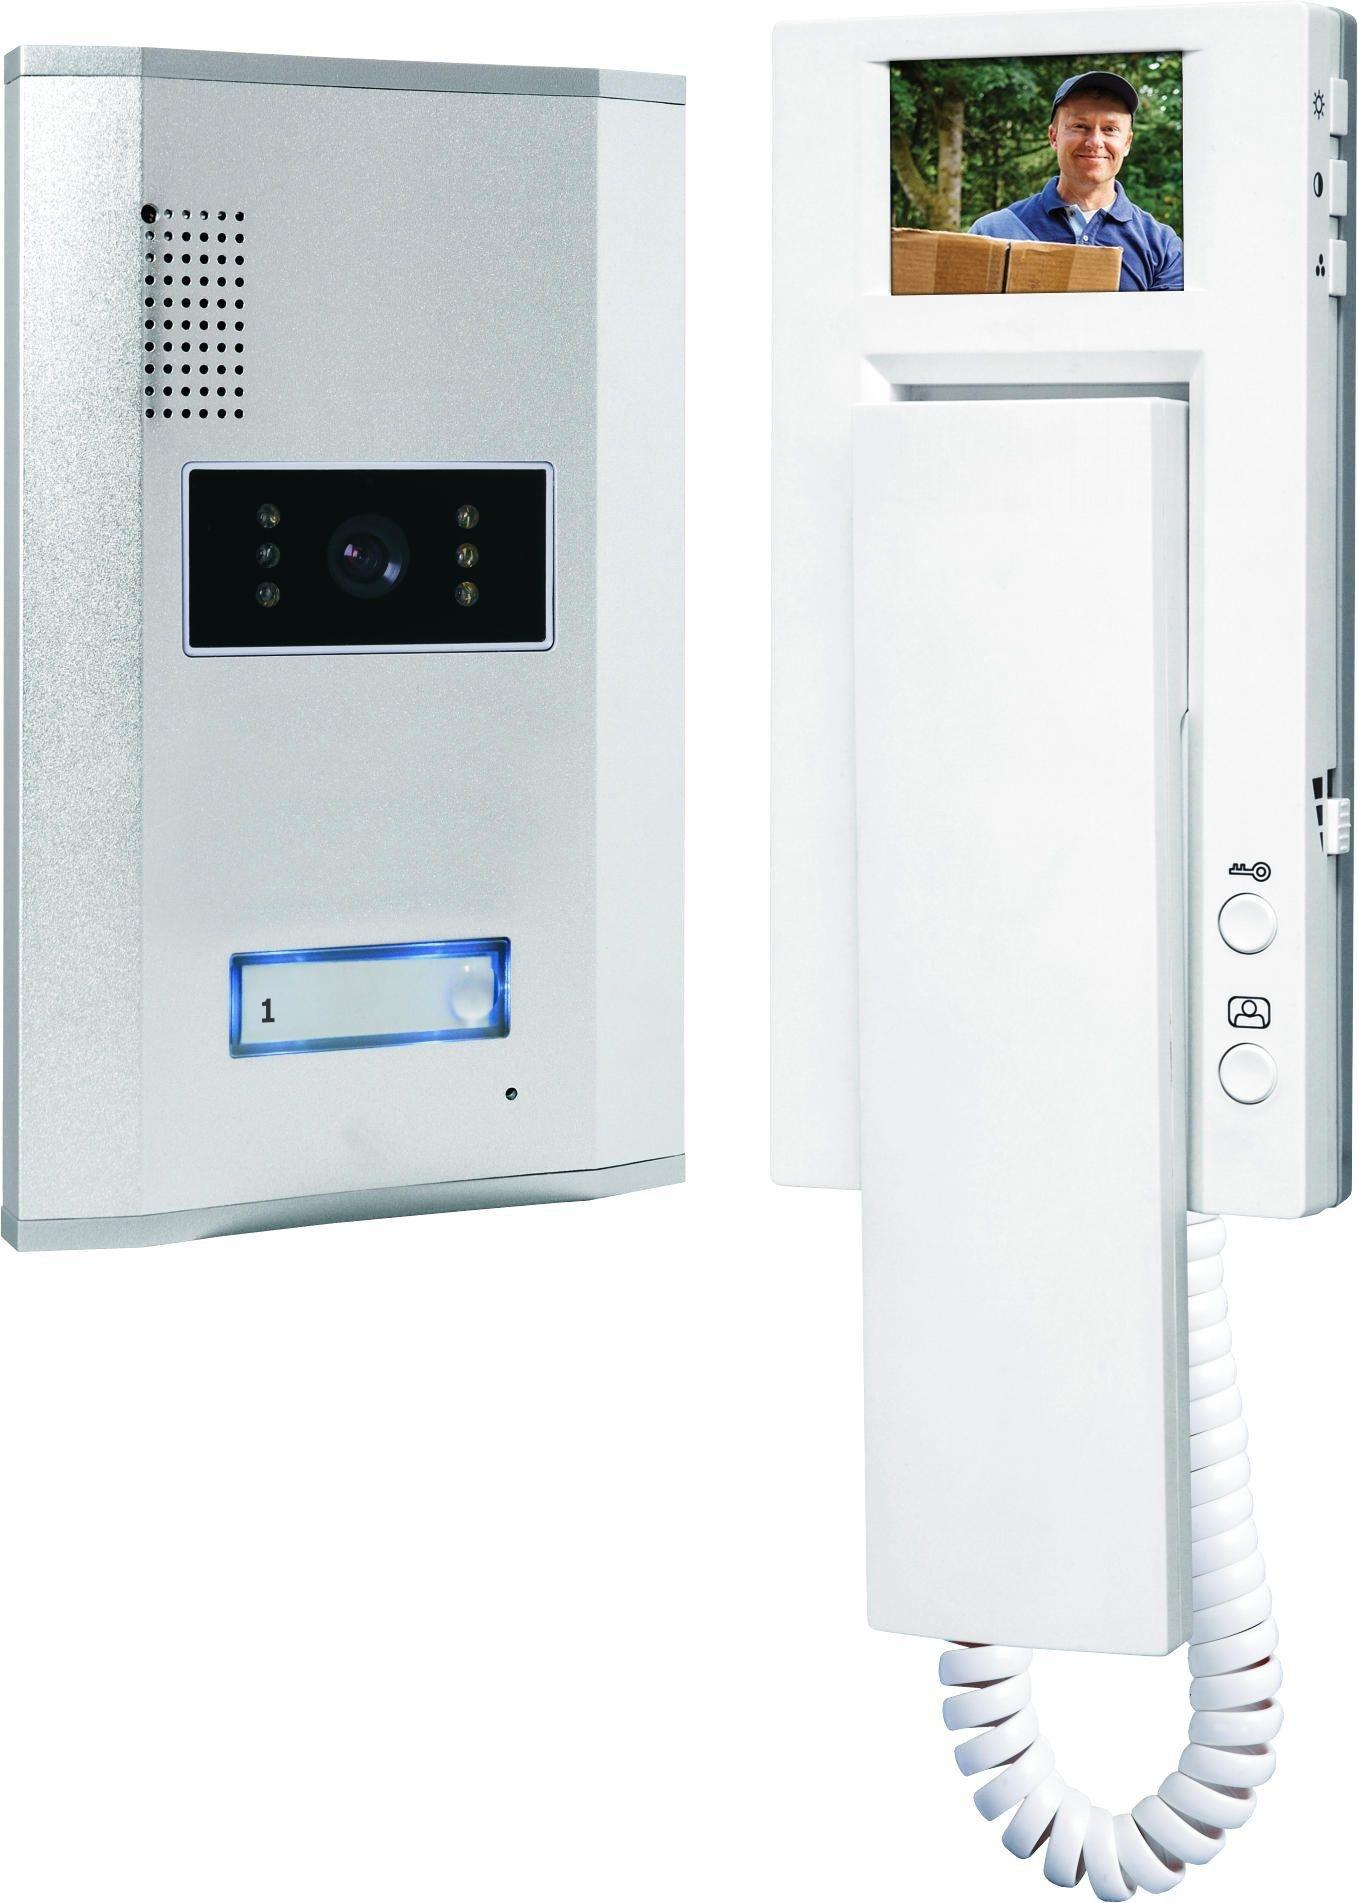 Image of Elro Video Door Intercom.